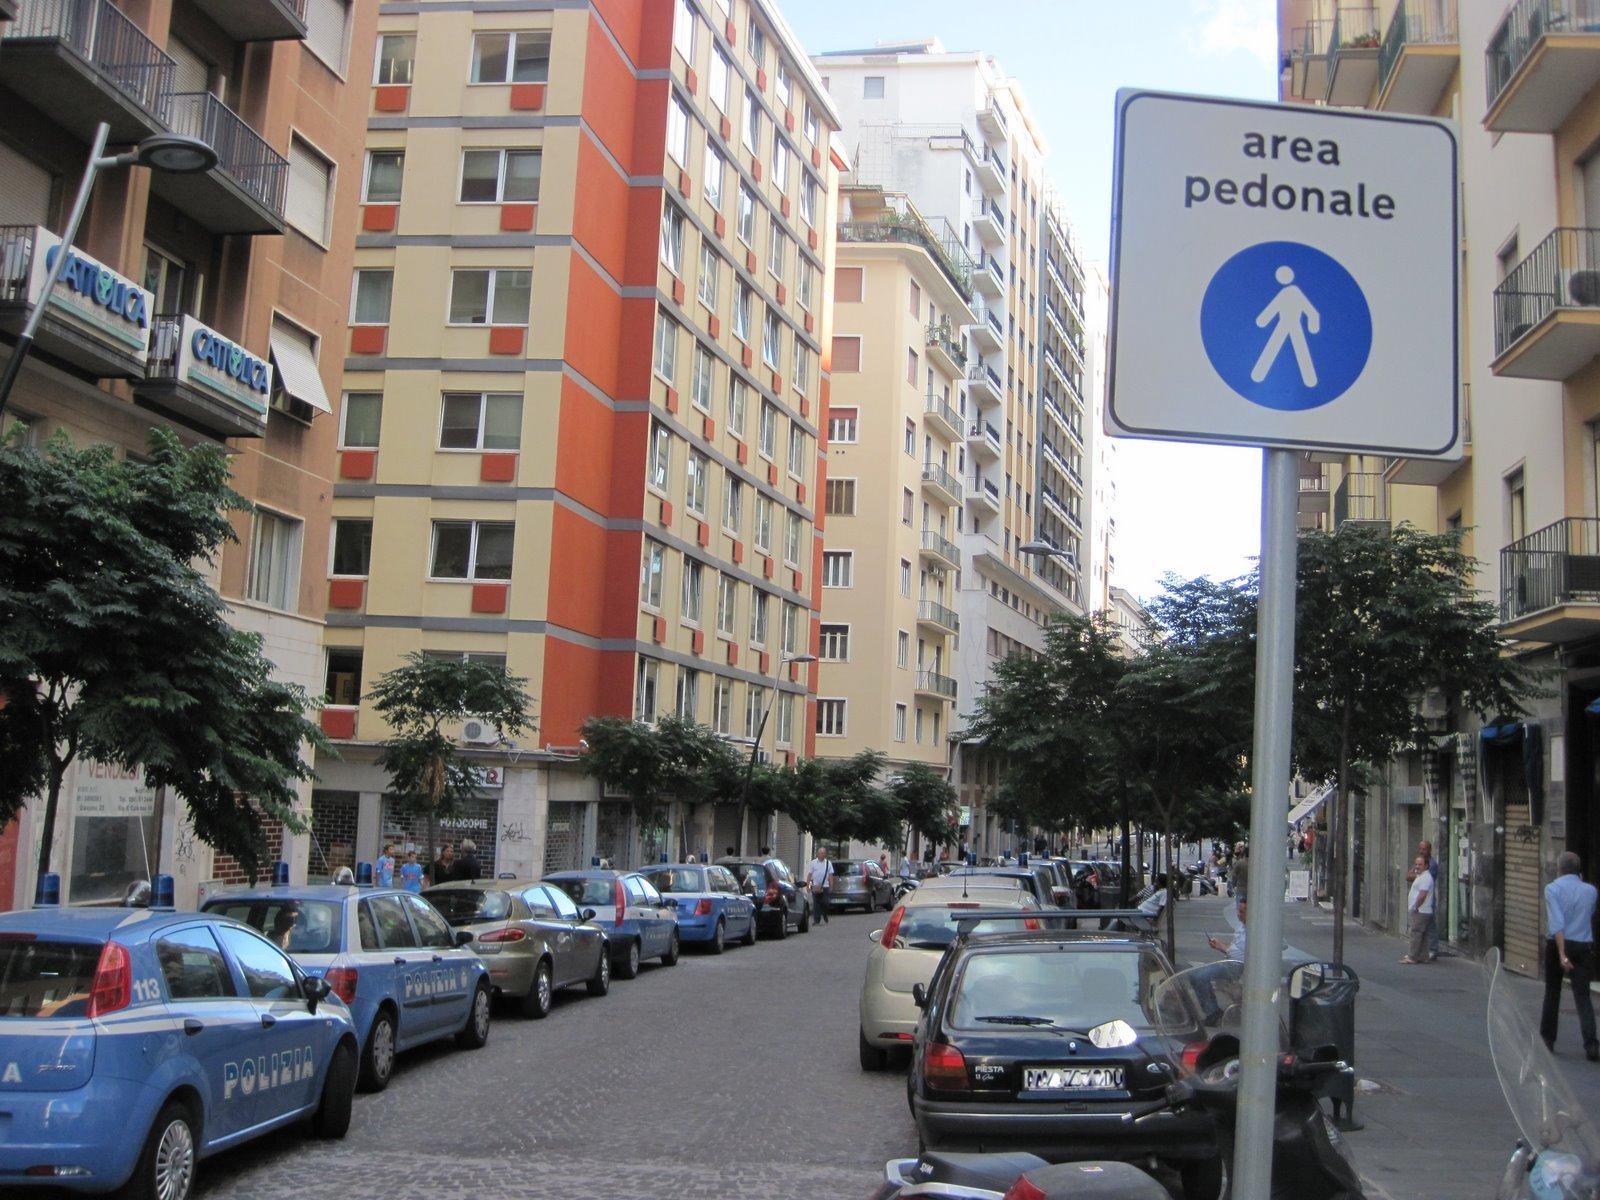 L isola pedonale che non c ¨ in pieno centro di Napoli via Guantai Nuovi invasa dalle auto di polizia e uni cittadini